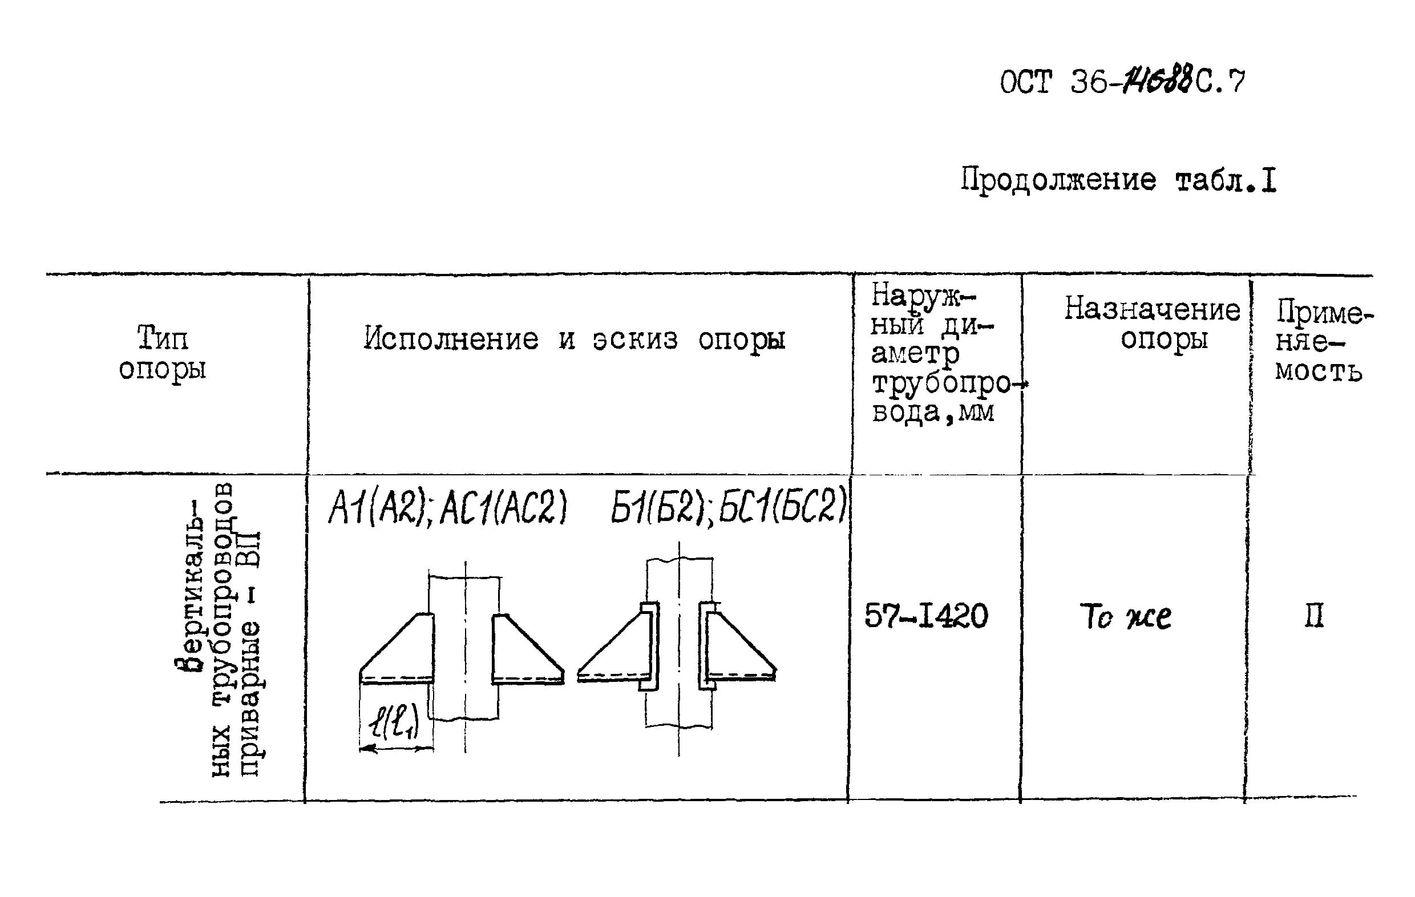 Опоры ВП ОСТ 36-146-88 стр.1